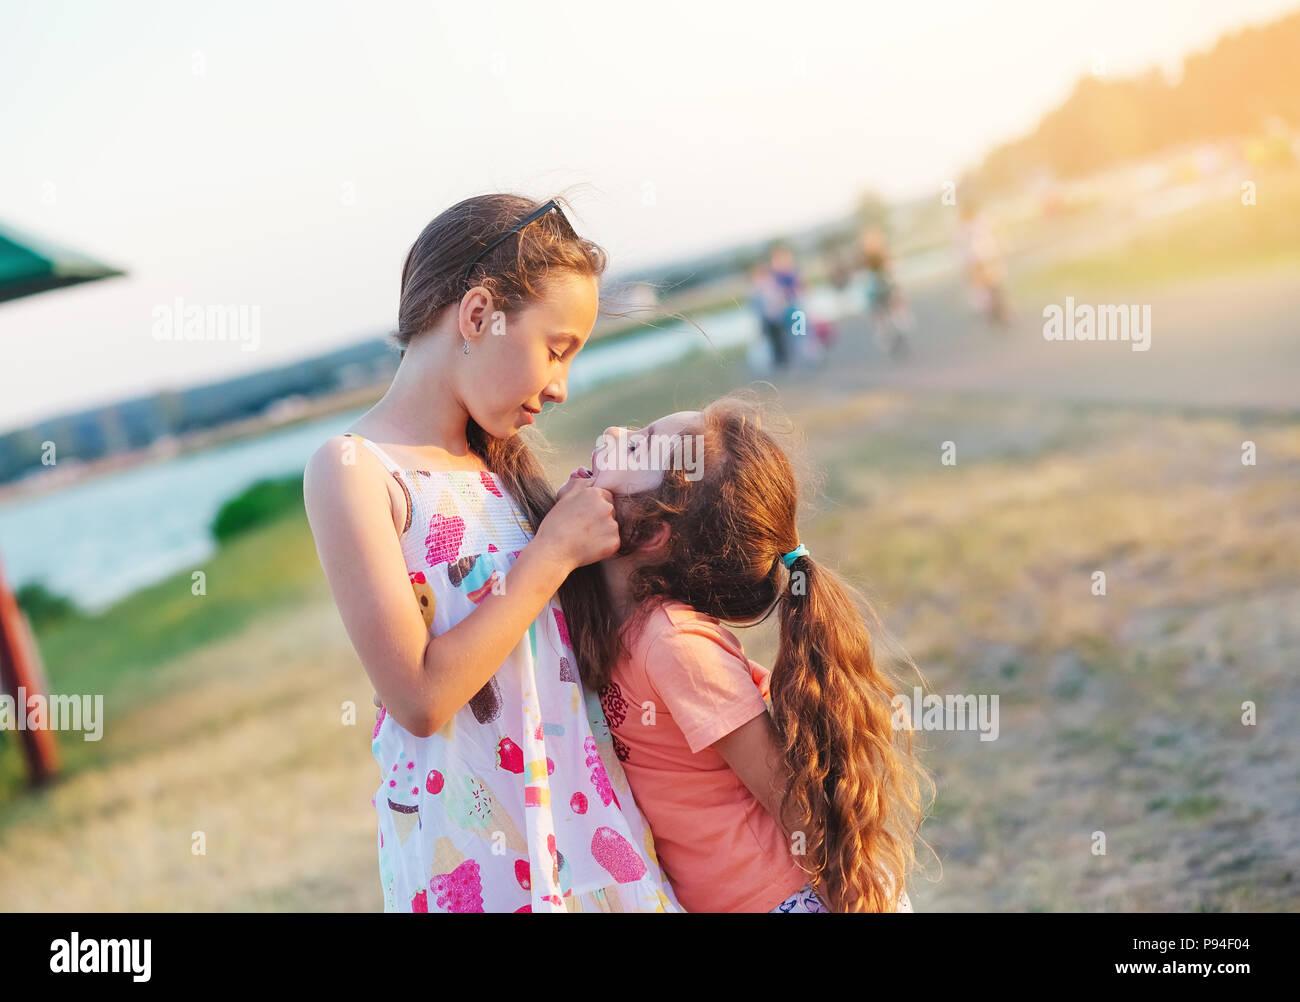 Felice di due bambine divertendosi e abbracciando a prato in giorno di estate Immagini Stock